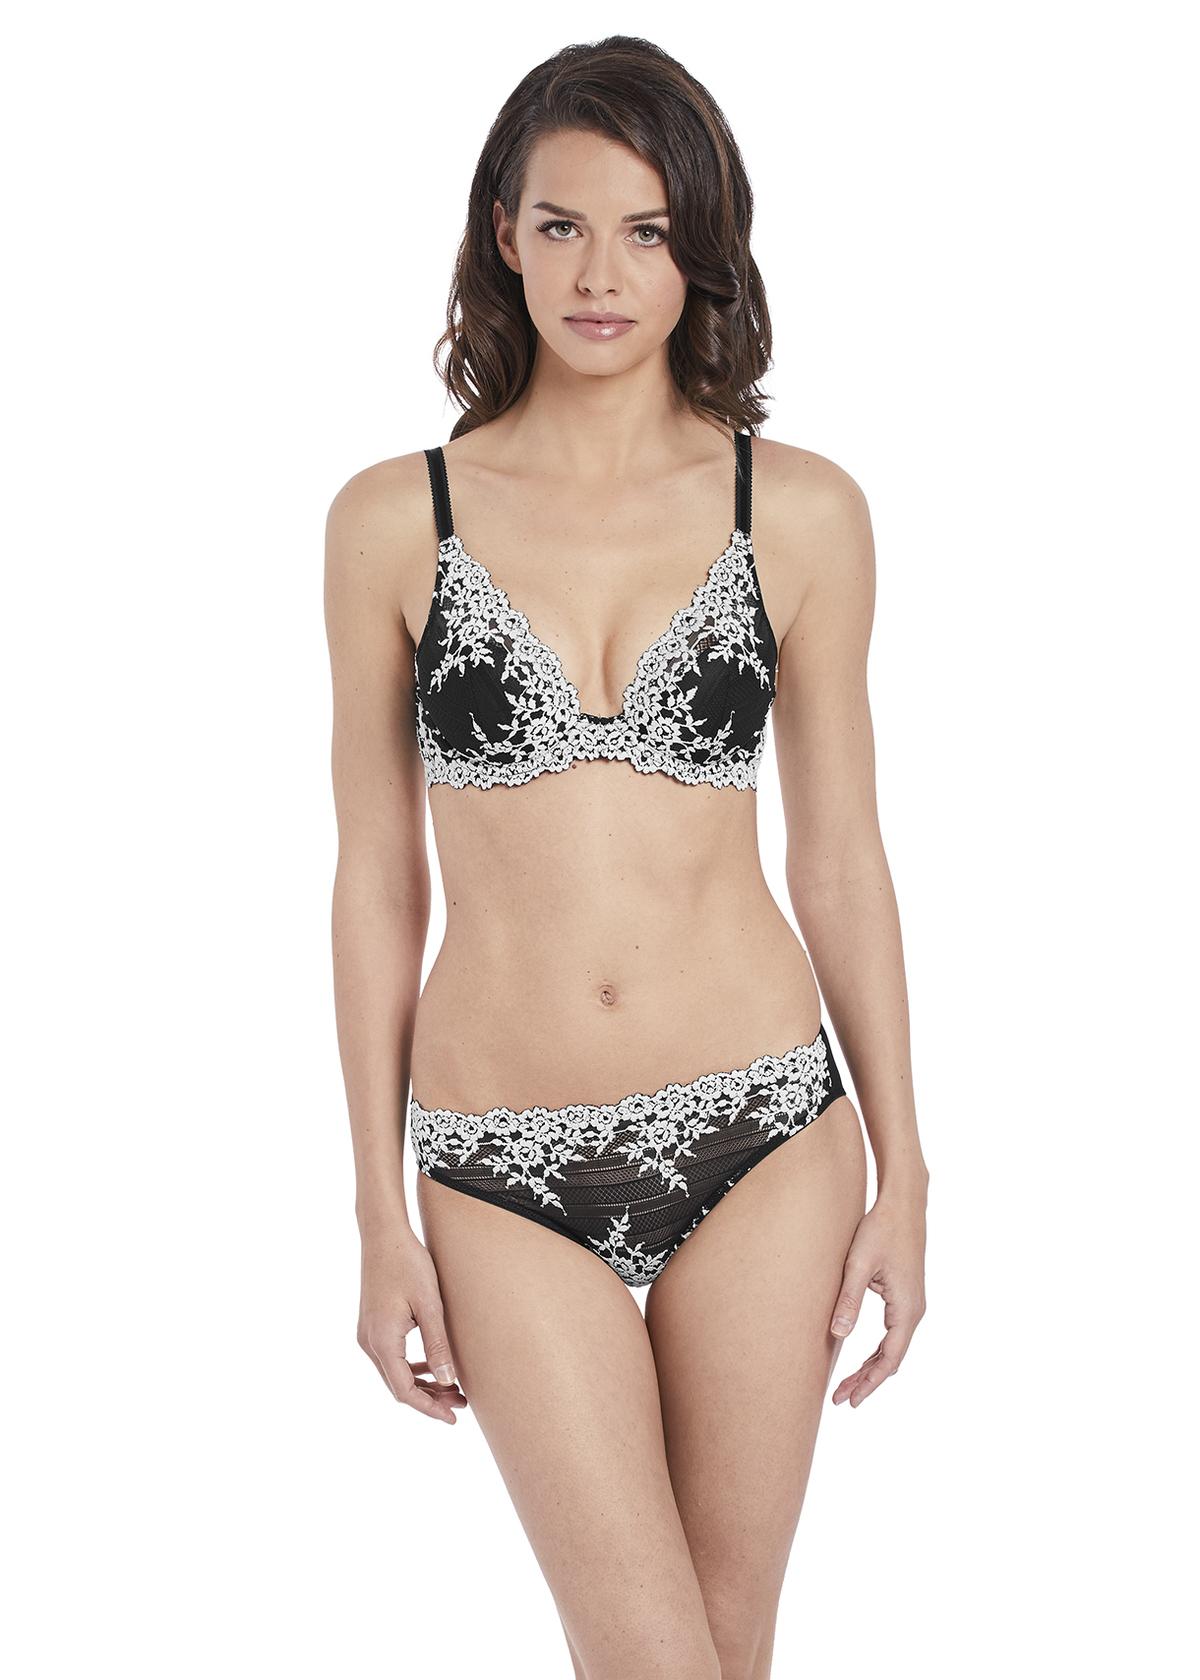 9431c2c026 Wacoal Embrace Lace Underwire Bra Black - CasaMia Lingerie